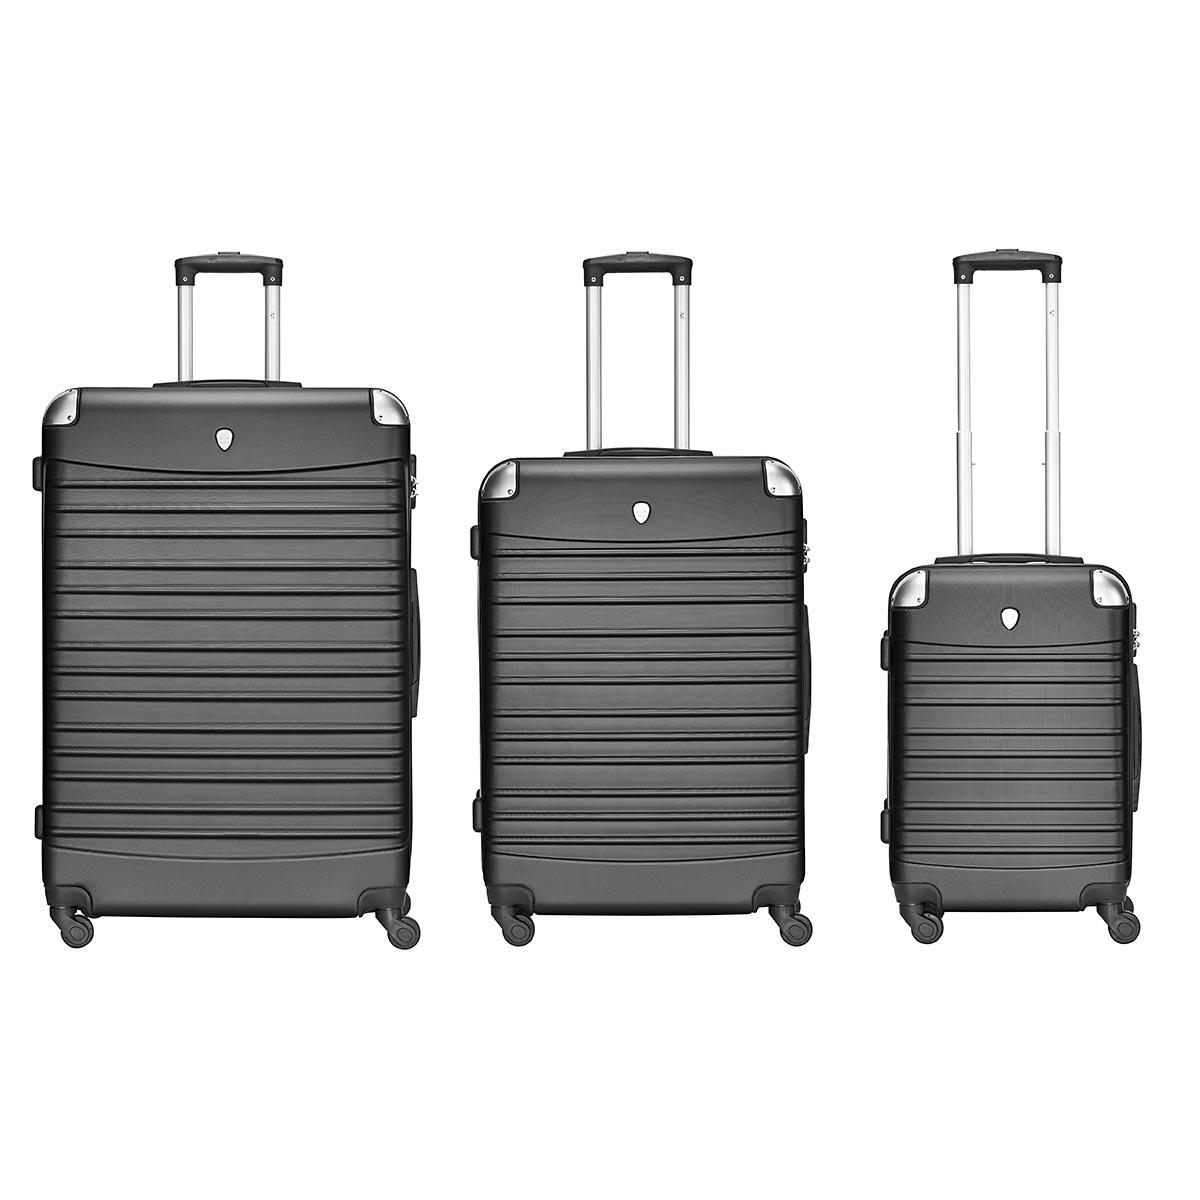 3er Koffer-Set TORINO, schwarz, ABS Trolley-Set Hartschale (M, L & XL) Material: ABS 4 Rollen (360°) 903-001-